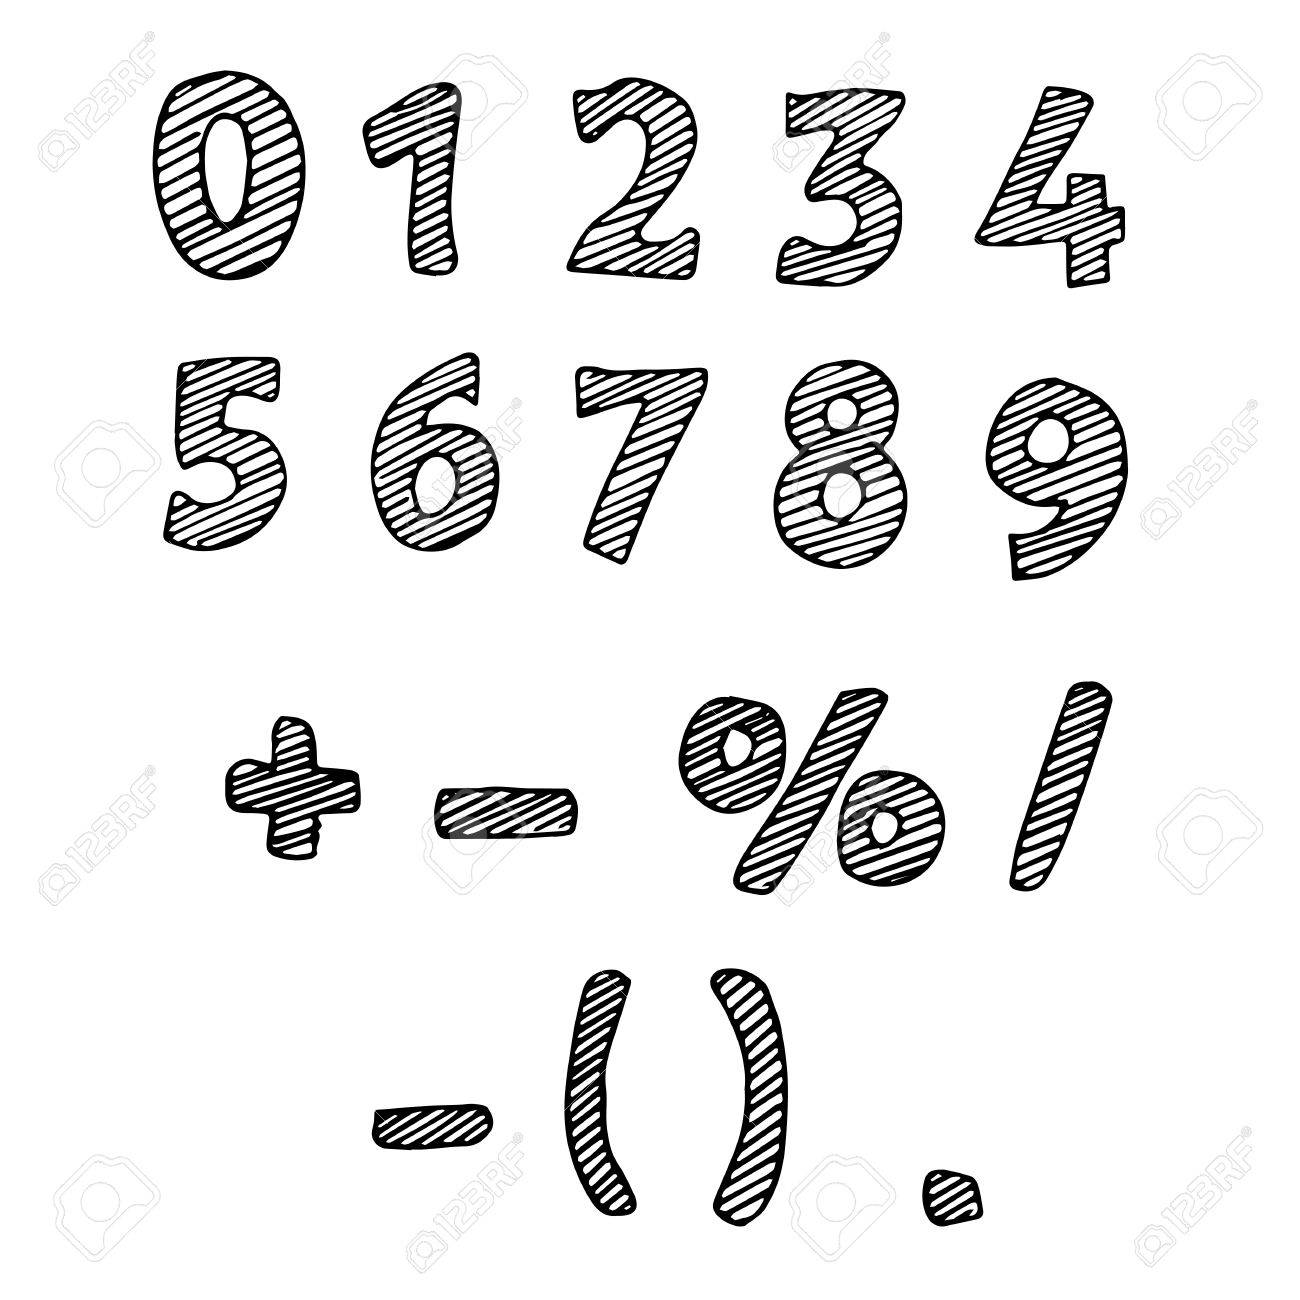 Illustration Der Gezogenen Zahlen Schwarz Weiß Nummern Lizenzfrei